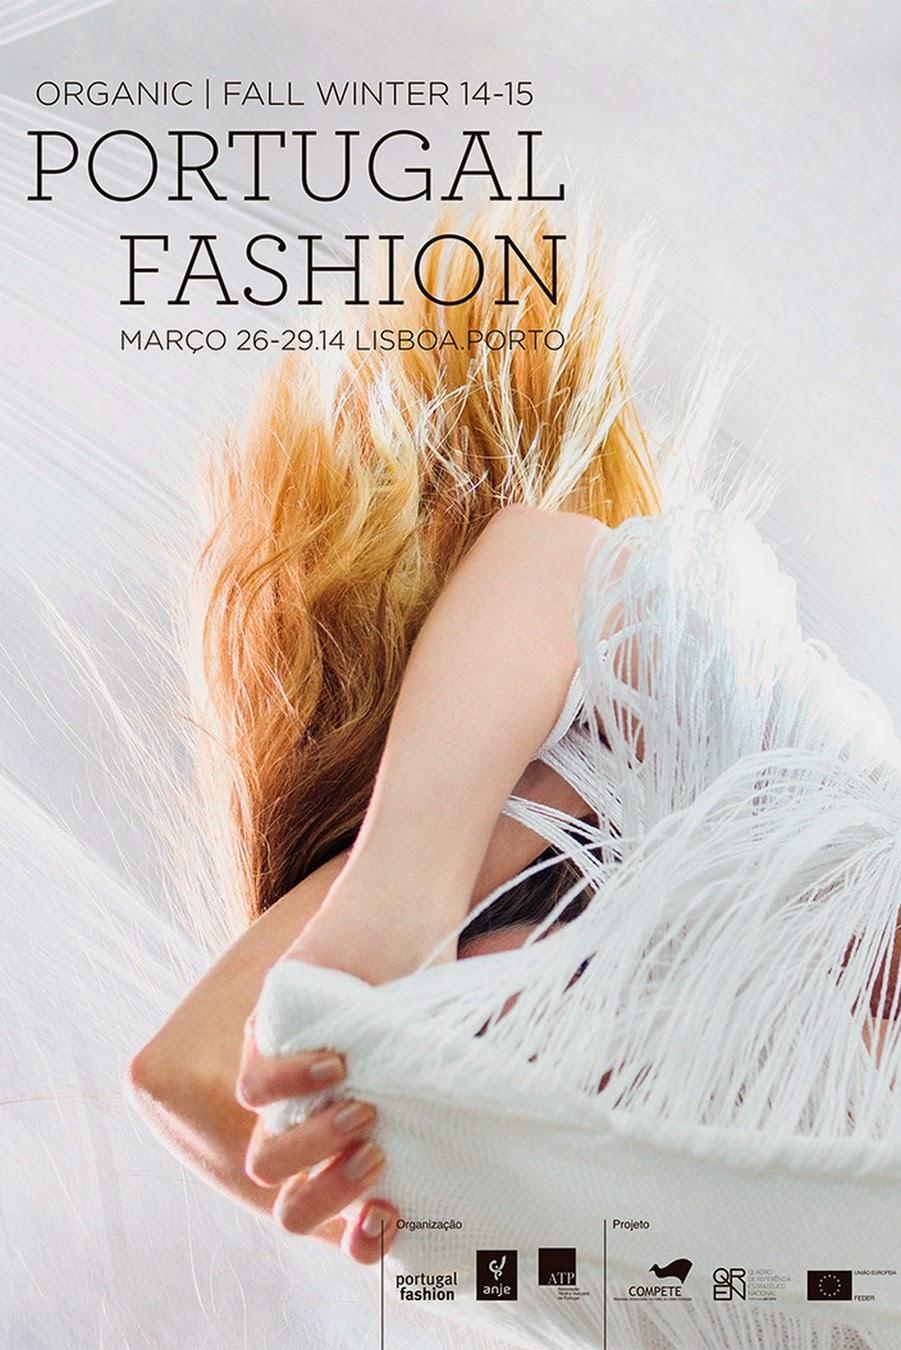 http://www.oli-worlds.com/2014/03/portugal-fashion-fallwinter-2014.html